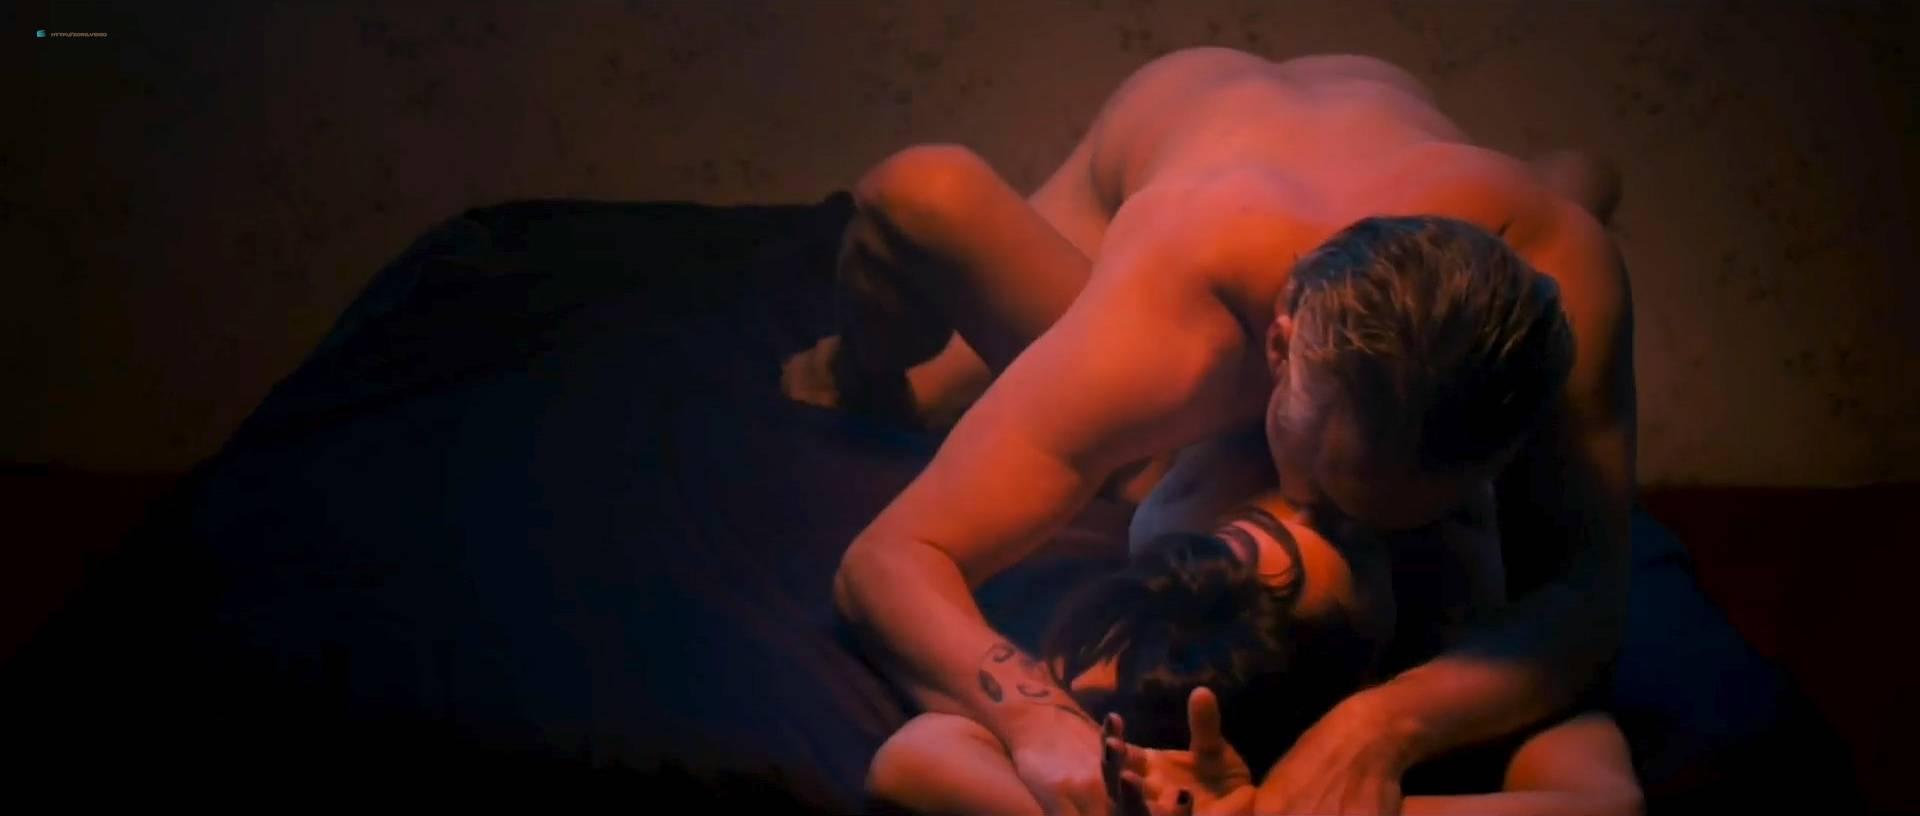 Sabine Timoteo nude full frontal - Cyanure (DE-2013) HD 1080p BluRay (12)